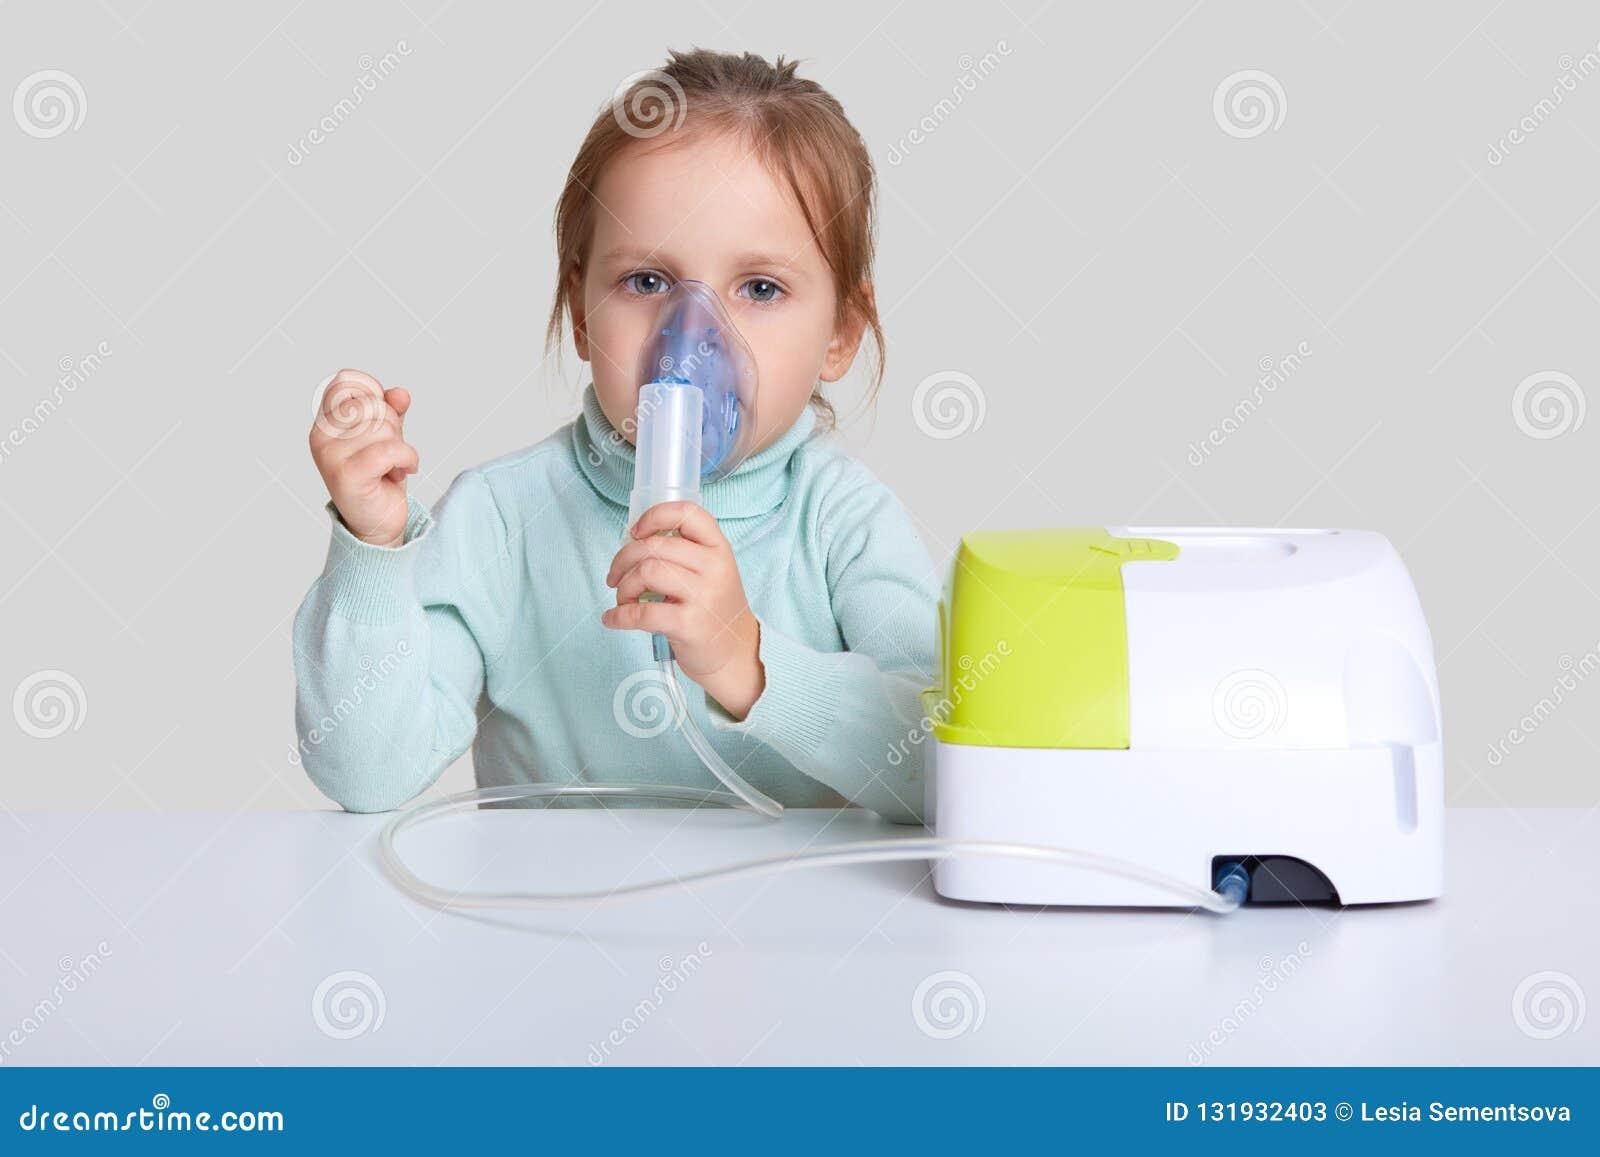 Piękna chora dziewczyna inhalacyjną terapię, używa przenośnego nebulizer, chwyty maskuje opary, siedzi przy białym desktop, odizo